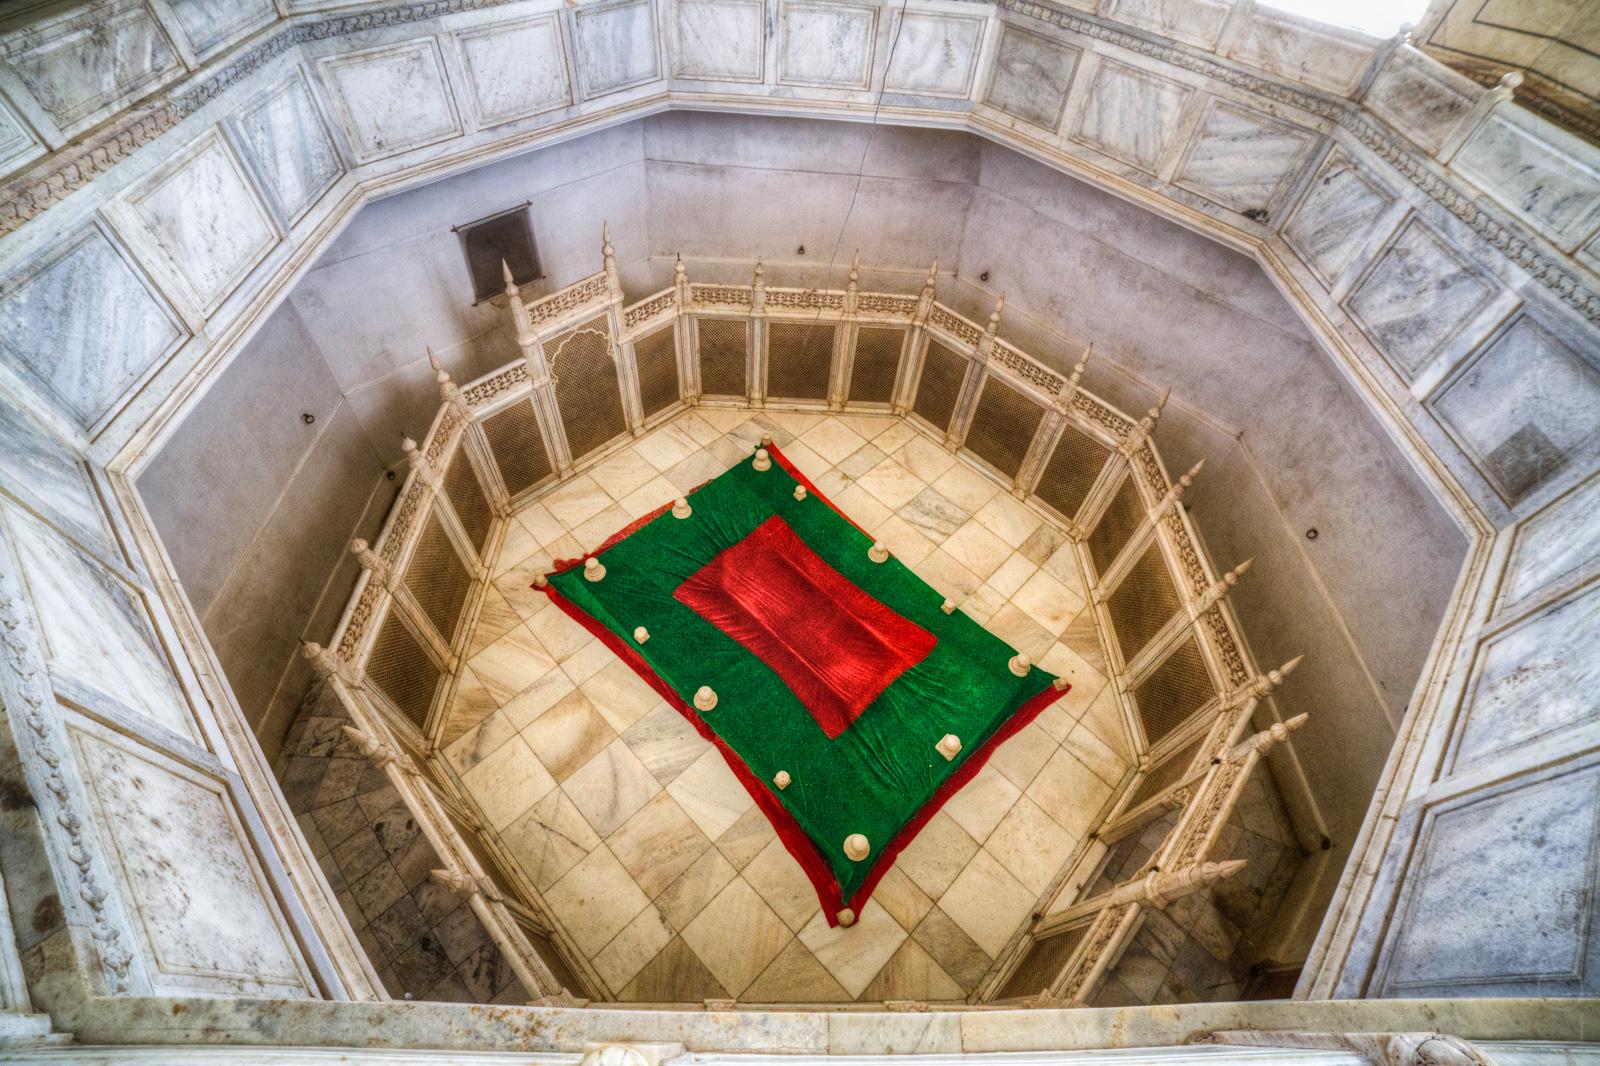 Bibi Ka Maqbara - Rabia-ul-Daurani's Tomb